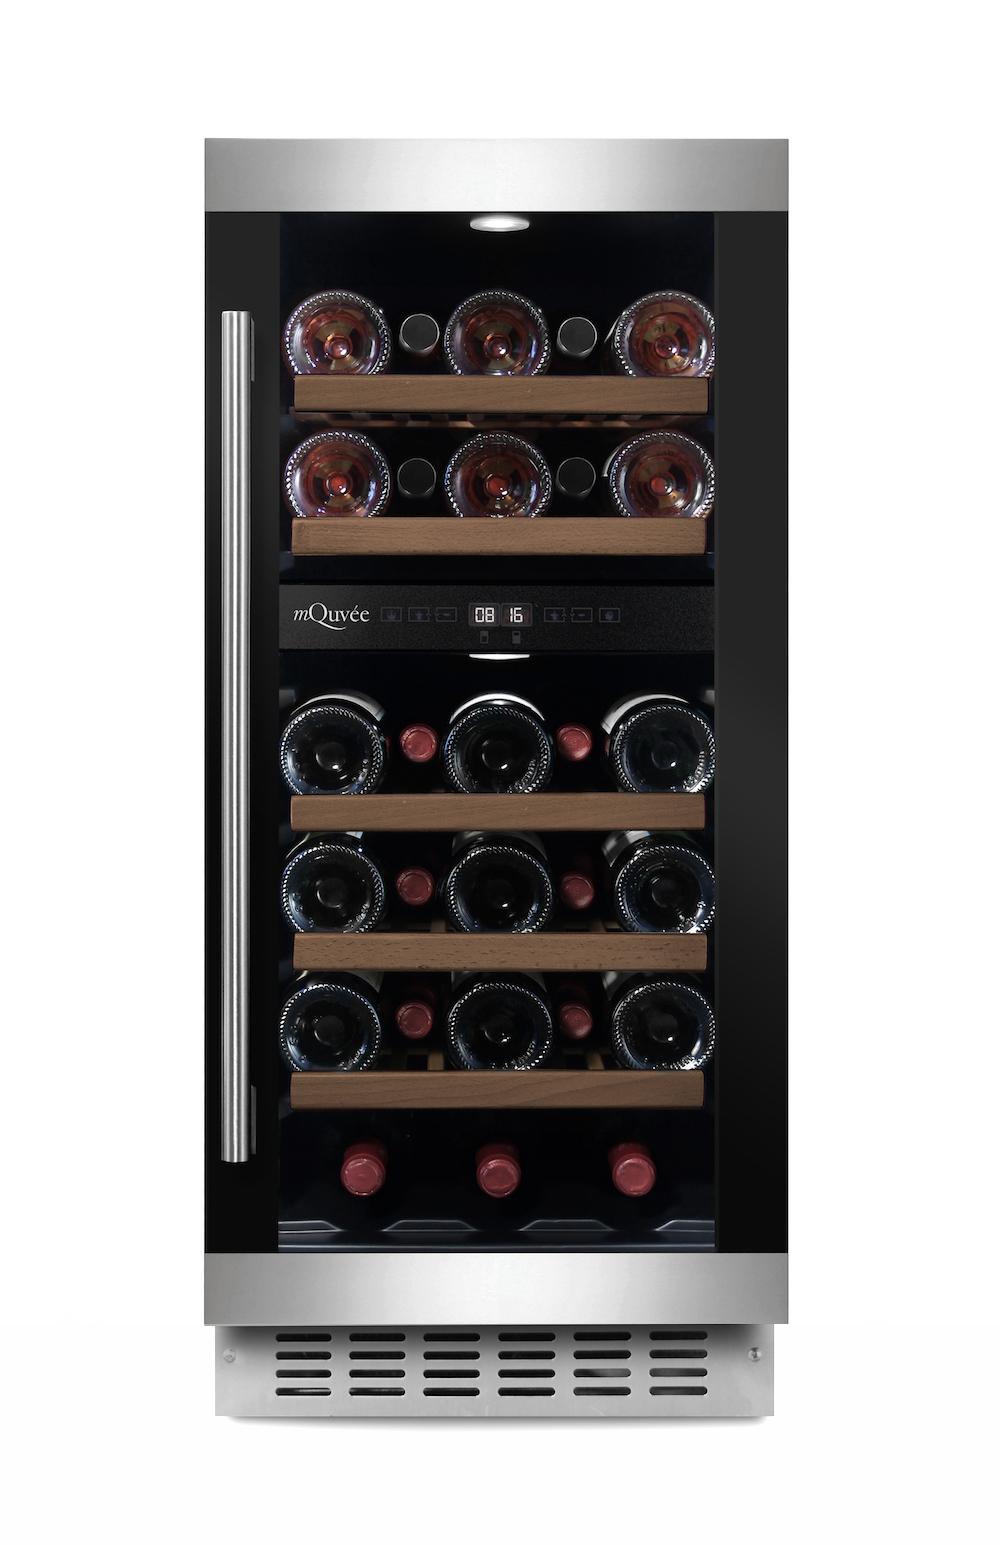 Inbyggbar vinkyl från mQuvee i modern design - plats för 28 flaskor